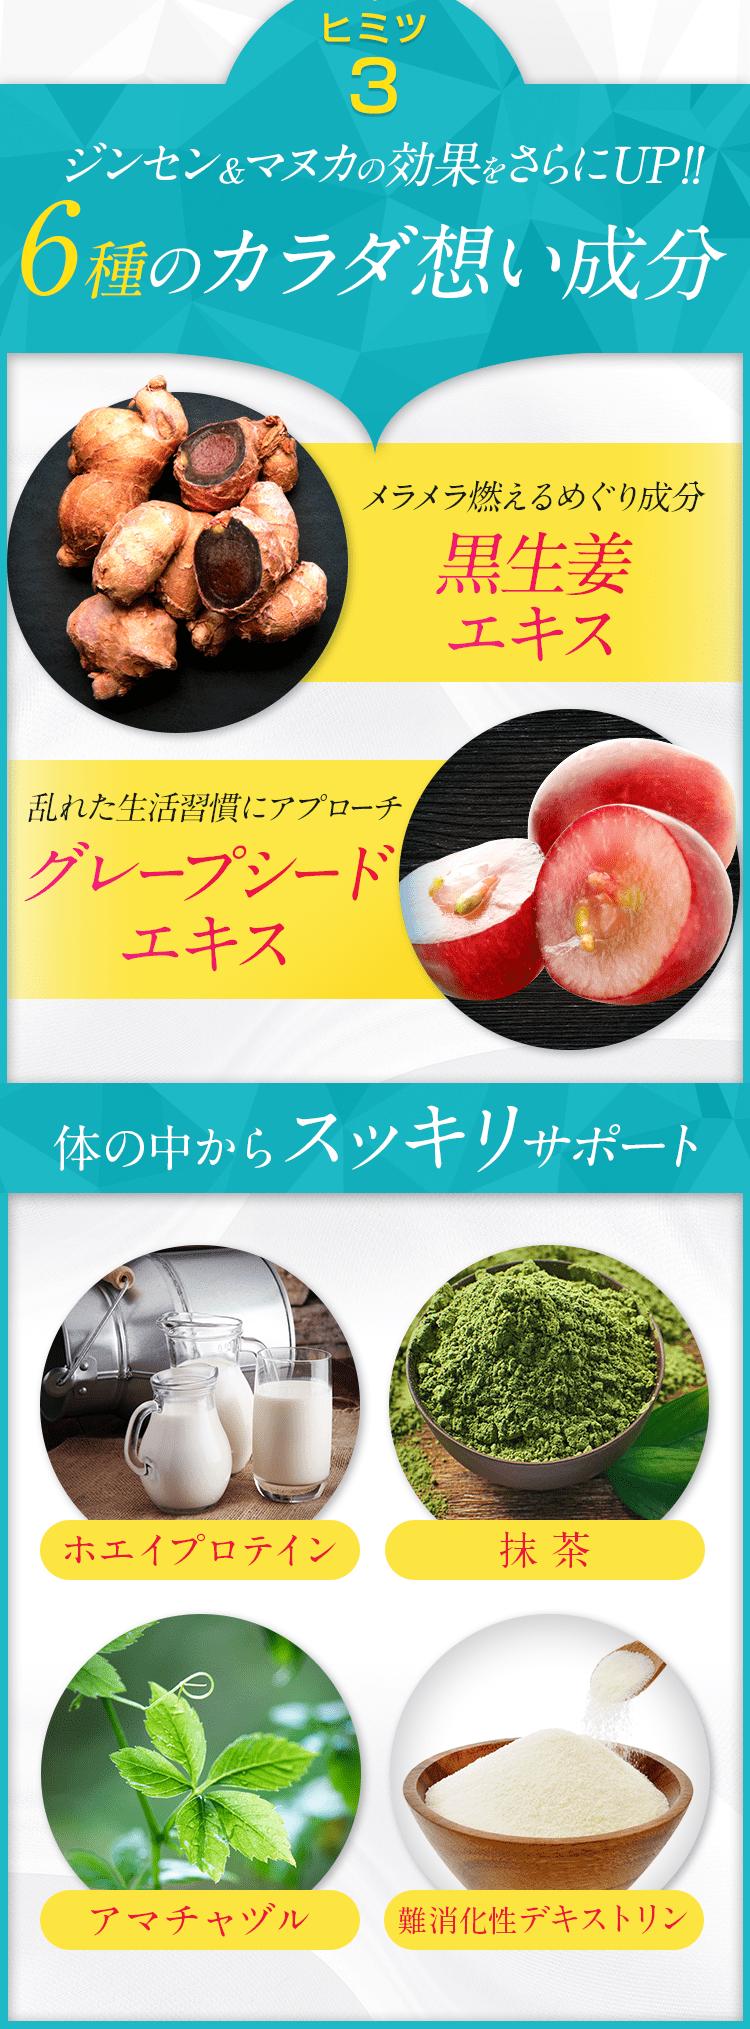 【ヒミツ3】6種のカラダ想い成分:黒生姜エキス・グレープシードエキス・ホエイプロテイン・抹茶・アマチャヅル・難消化性デキストリン